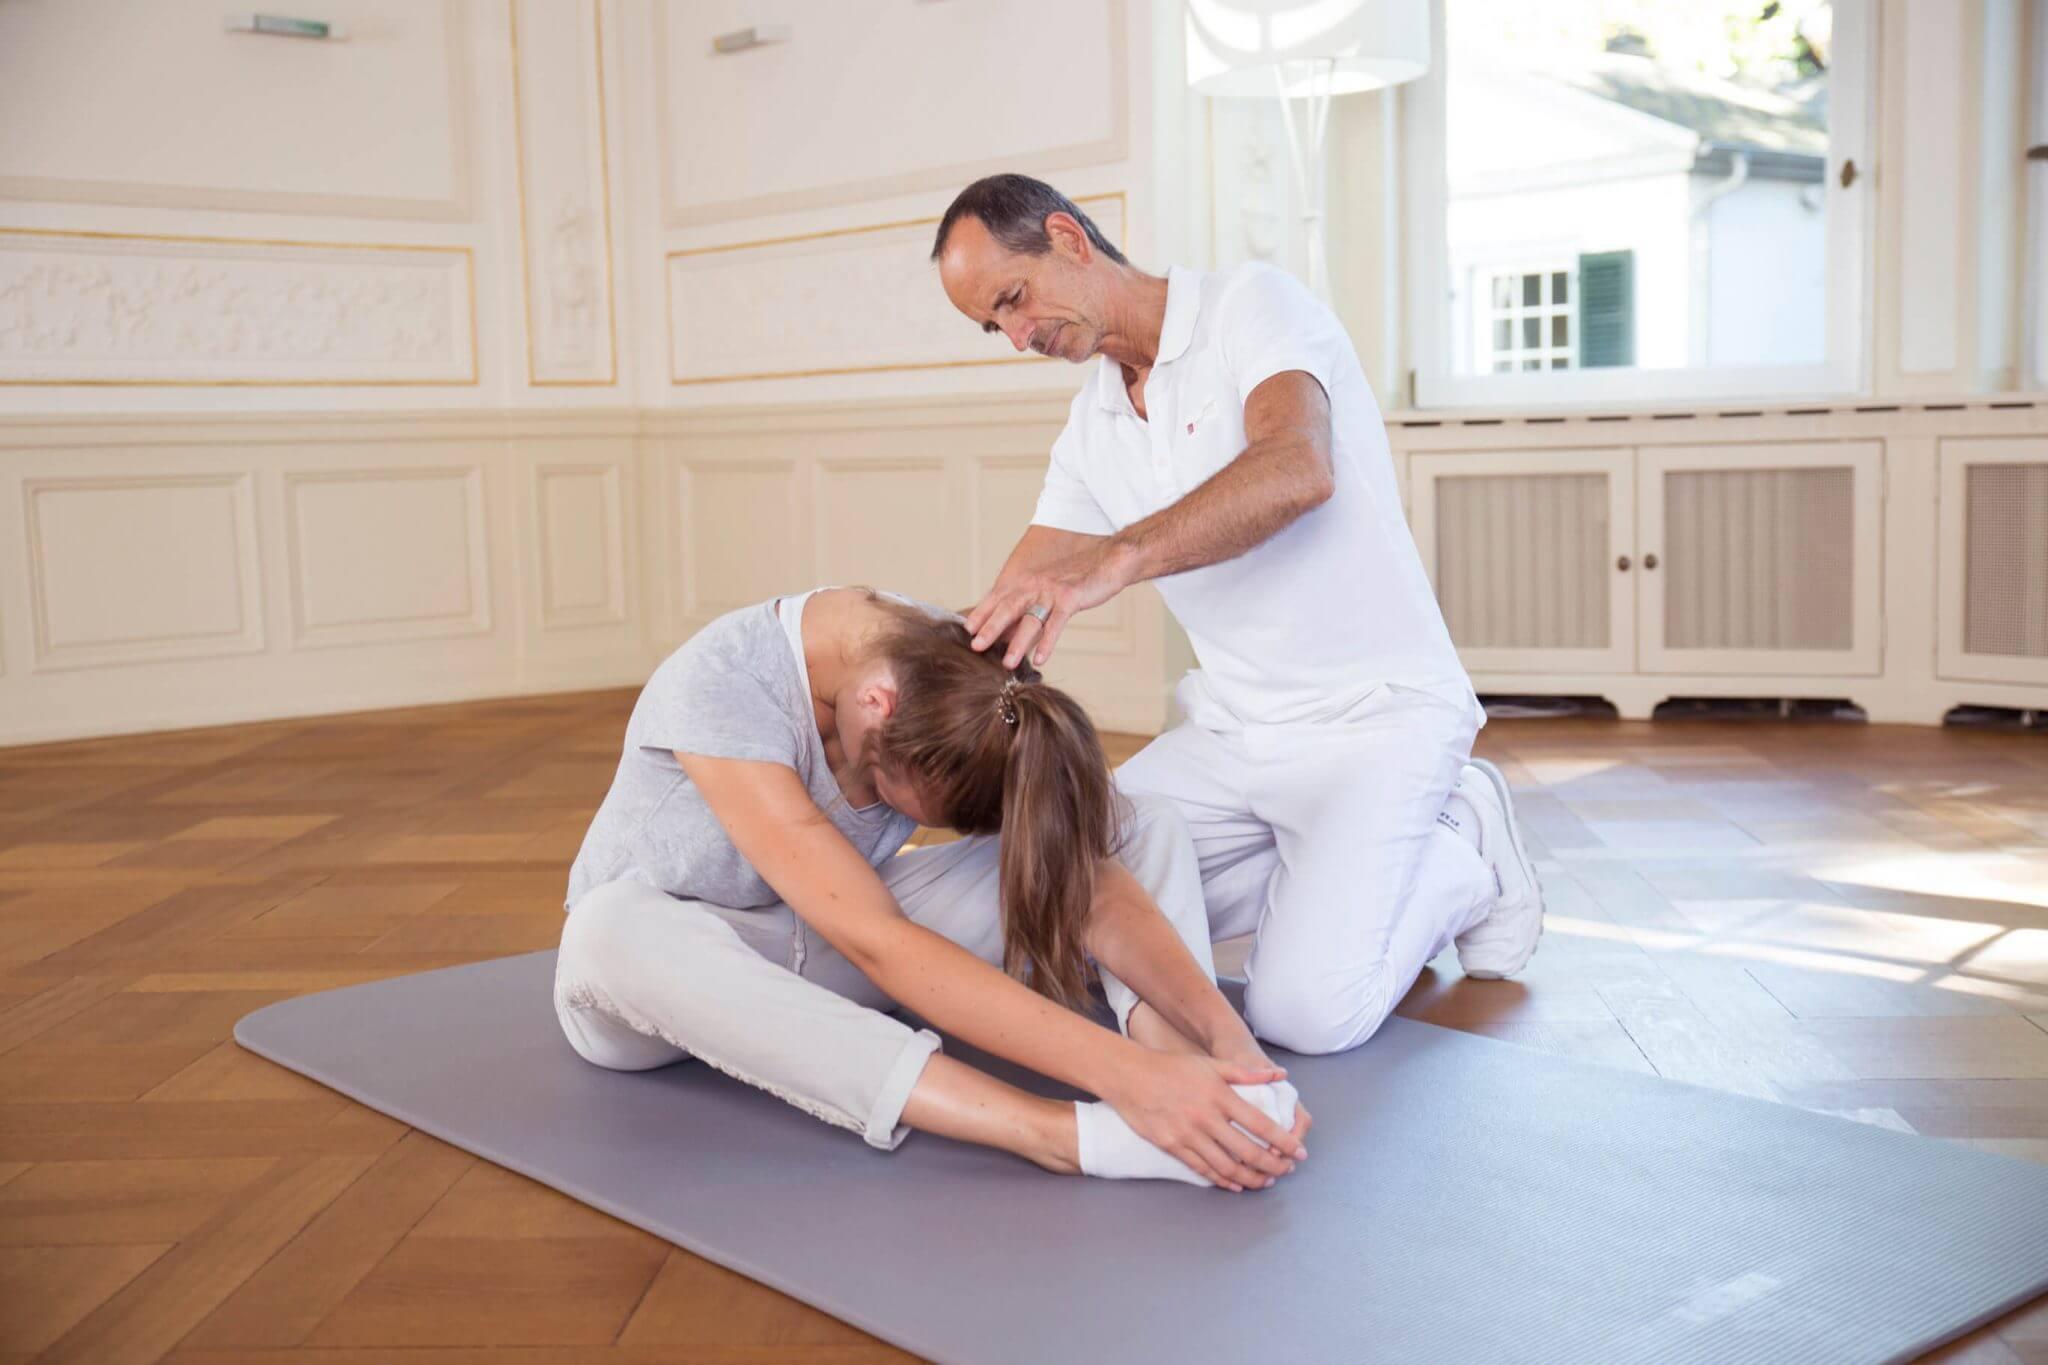 LWS-Schmerzen / Schmerzen in der Lendenwirbelsäule • Ursache ...